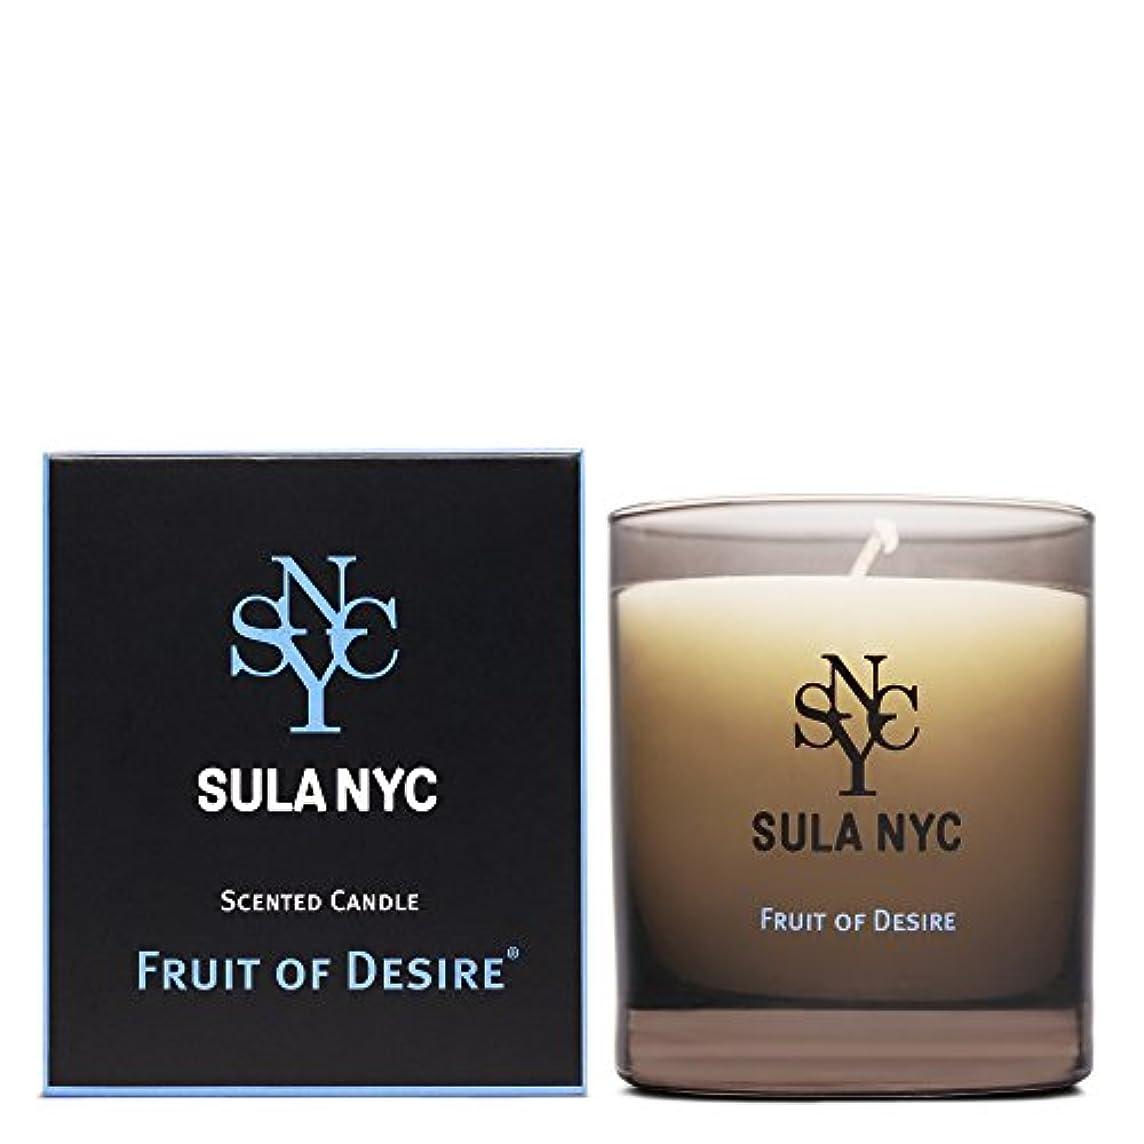 無礼にドライ非常に怒っていますSULA NYC SCENTED CANDLE FRIT OF DESIRE スーラNYC センティッドキャンドル フルーツ?オブ?ディザイアー